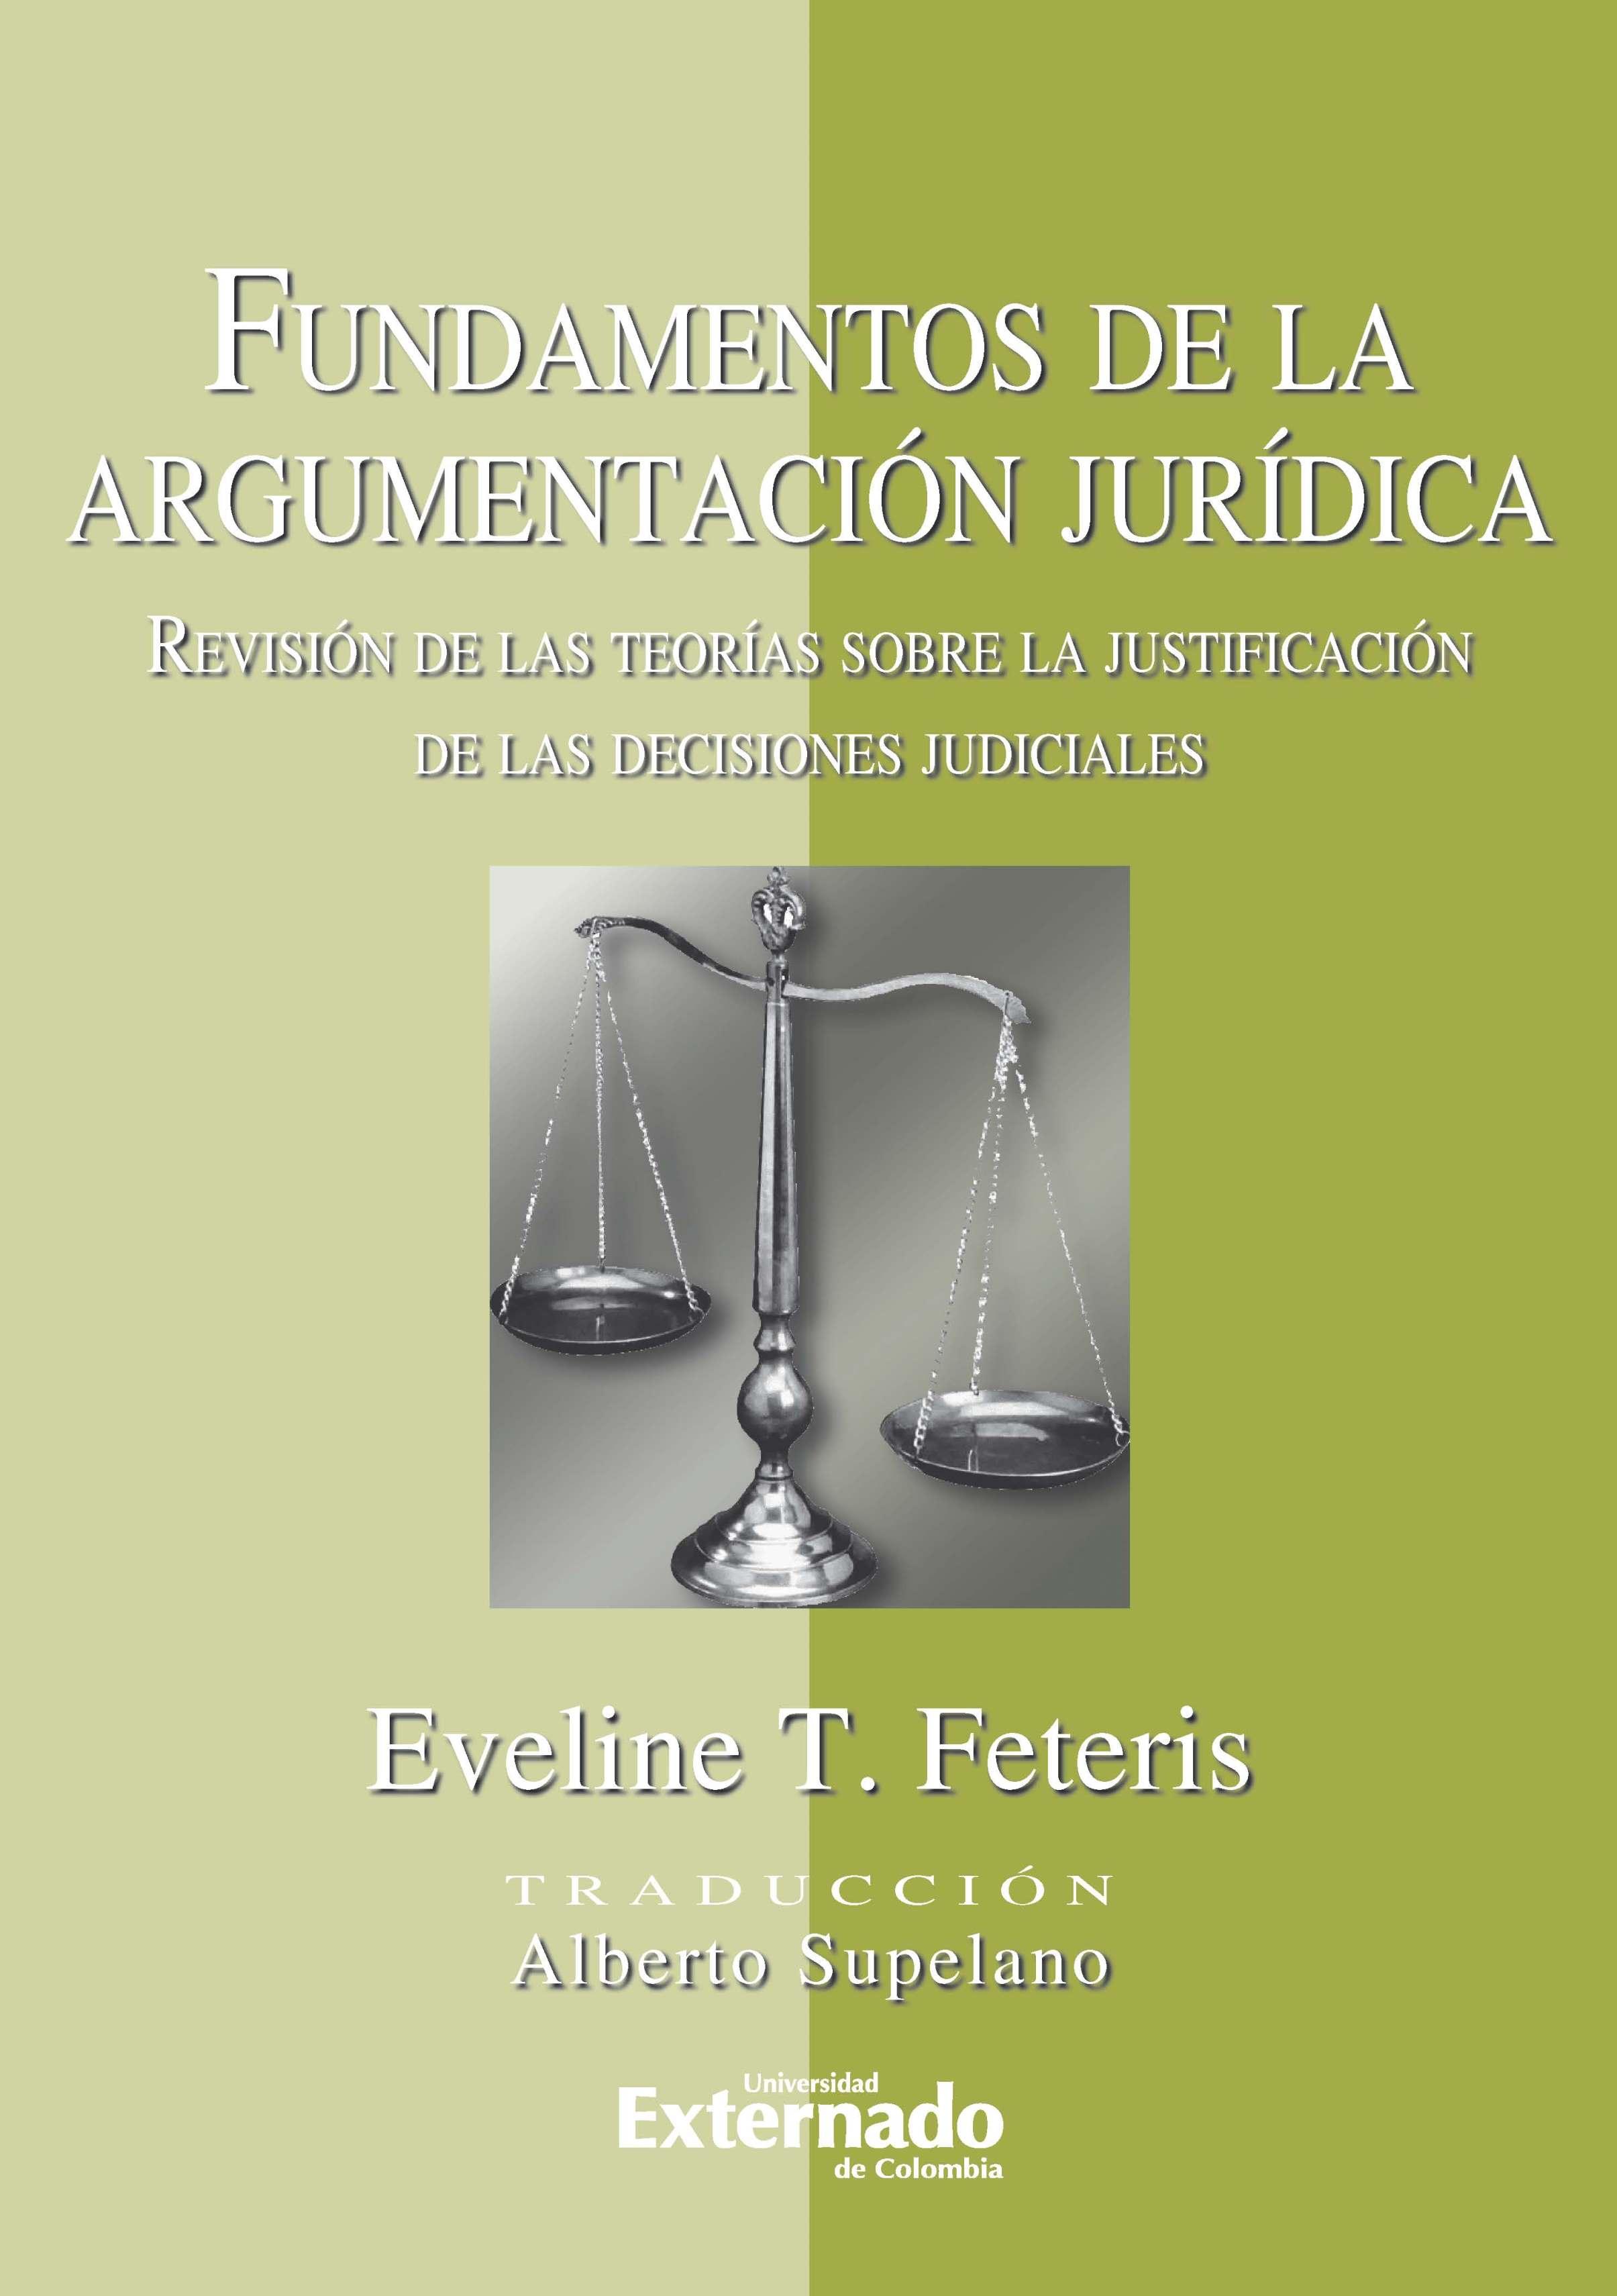 Eveline Feteris Fundamentos de la Argumentación Jurídica. Revisión de las Teorías Sobre la Justificación de las decisiones judiciales stacy connelly las reglas de la pasión